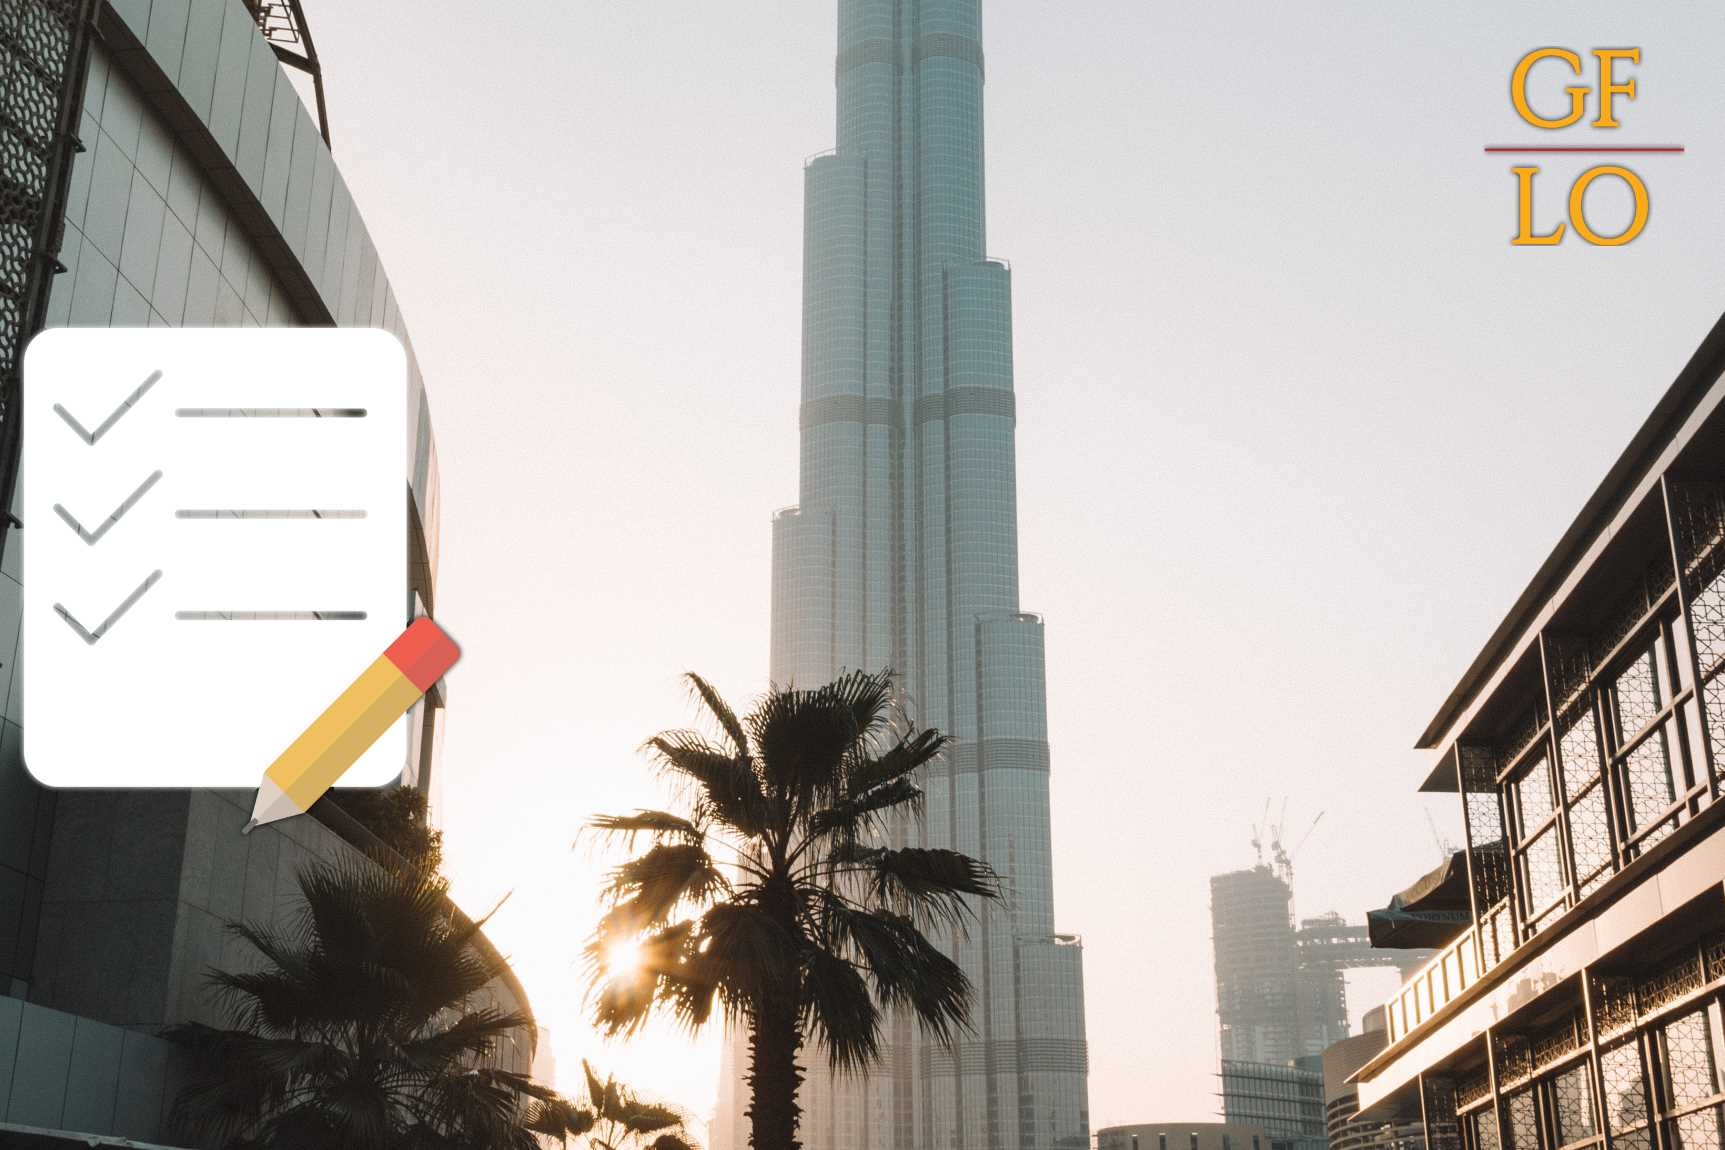 Регистрация компании в Аджман, ОАЭ (Ajman Free Zone)